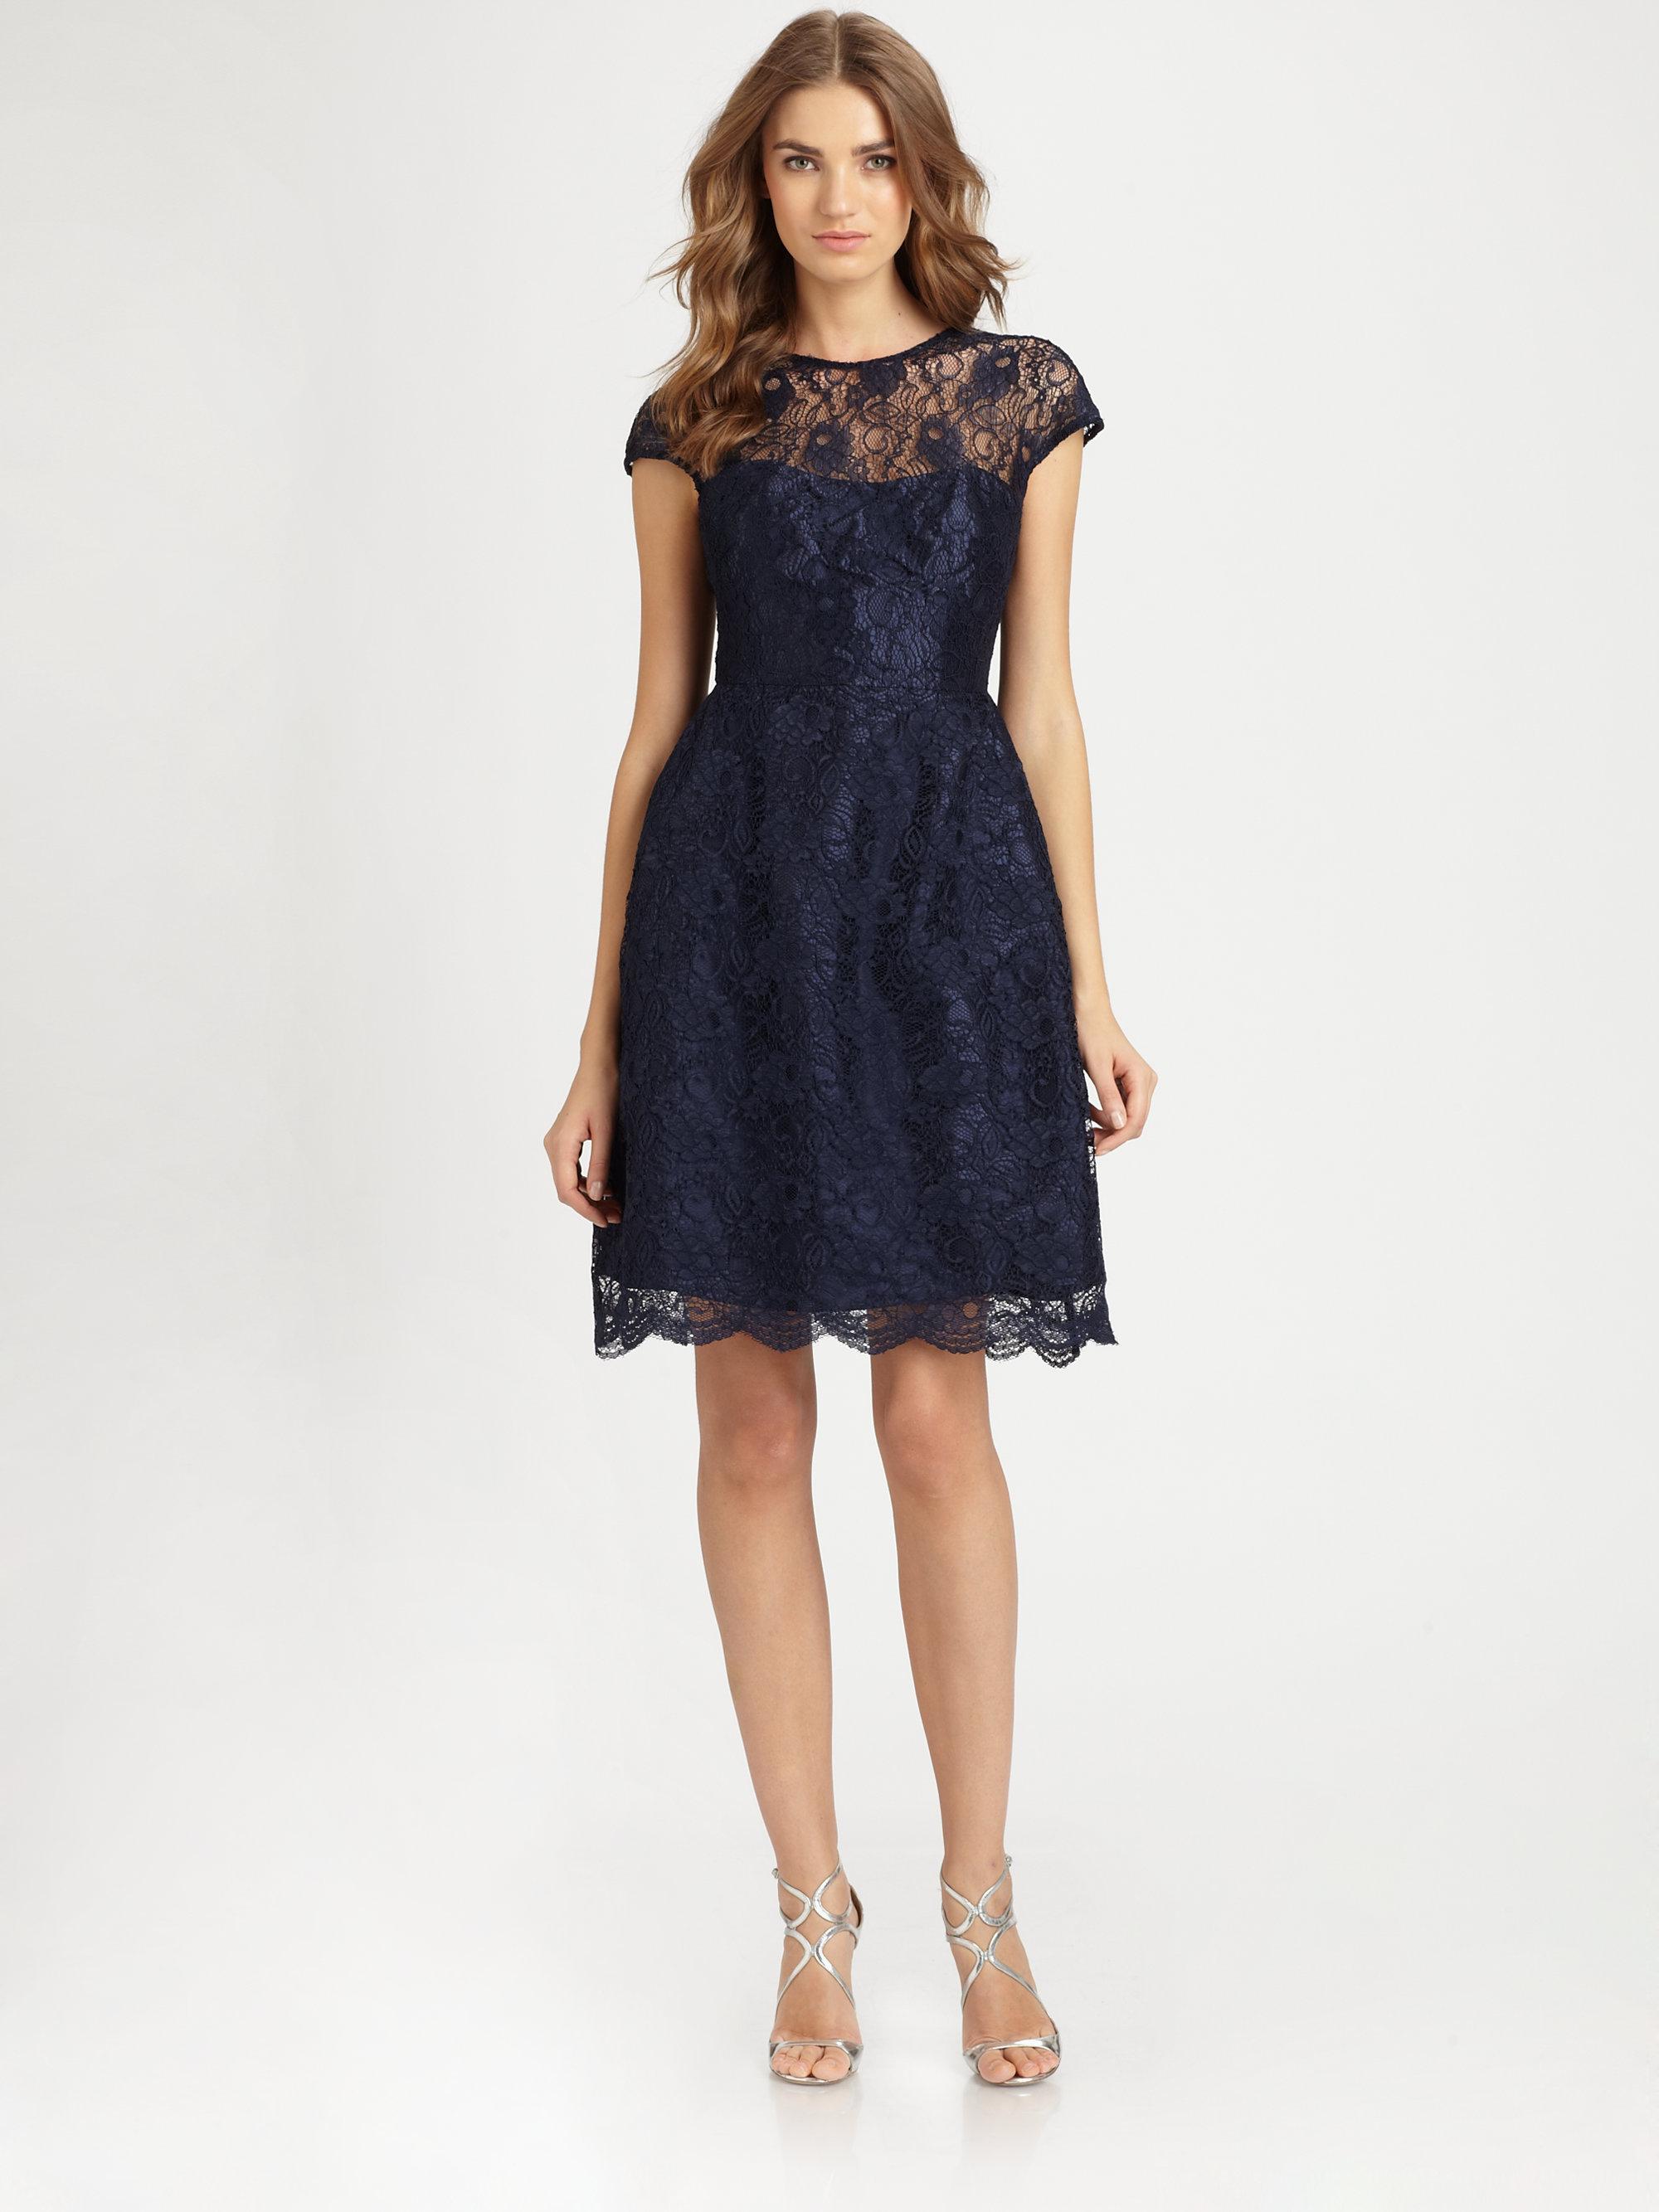 7354433c32c ML Monique Lhuillier Lace Dress in Blue - Lyst